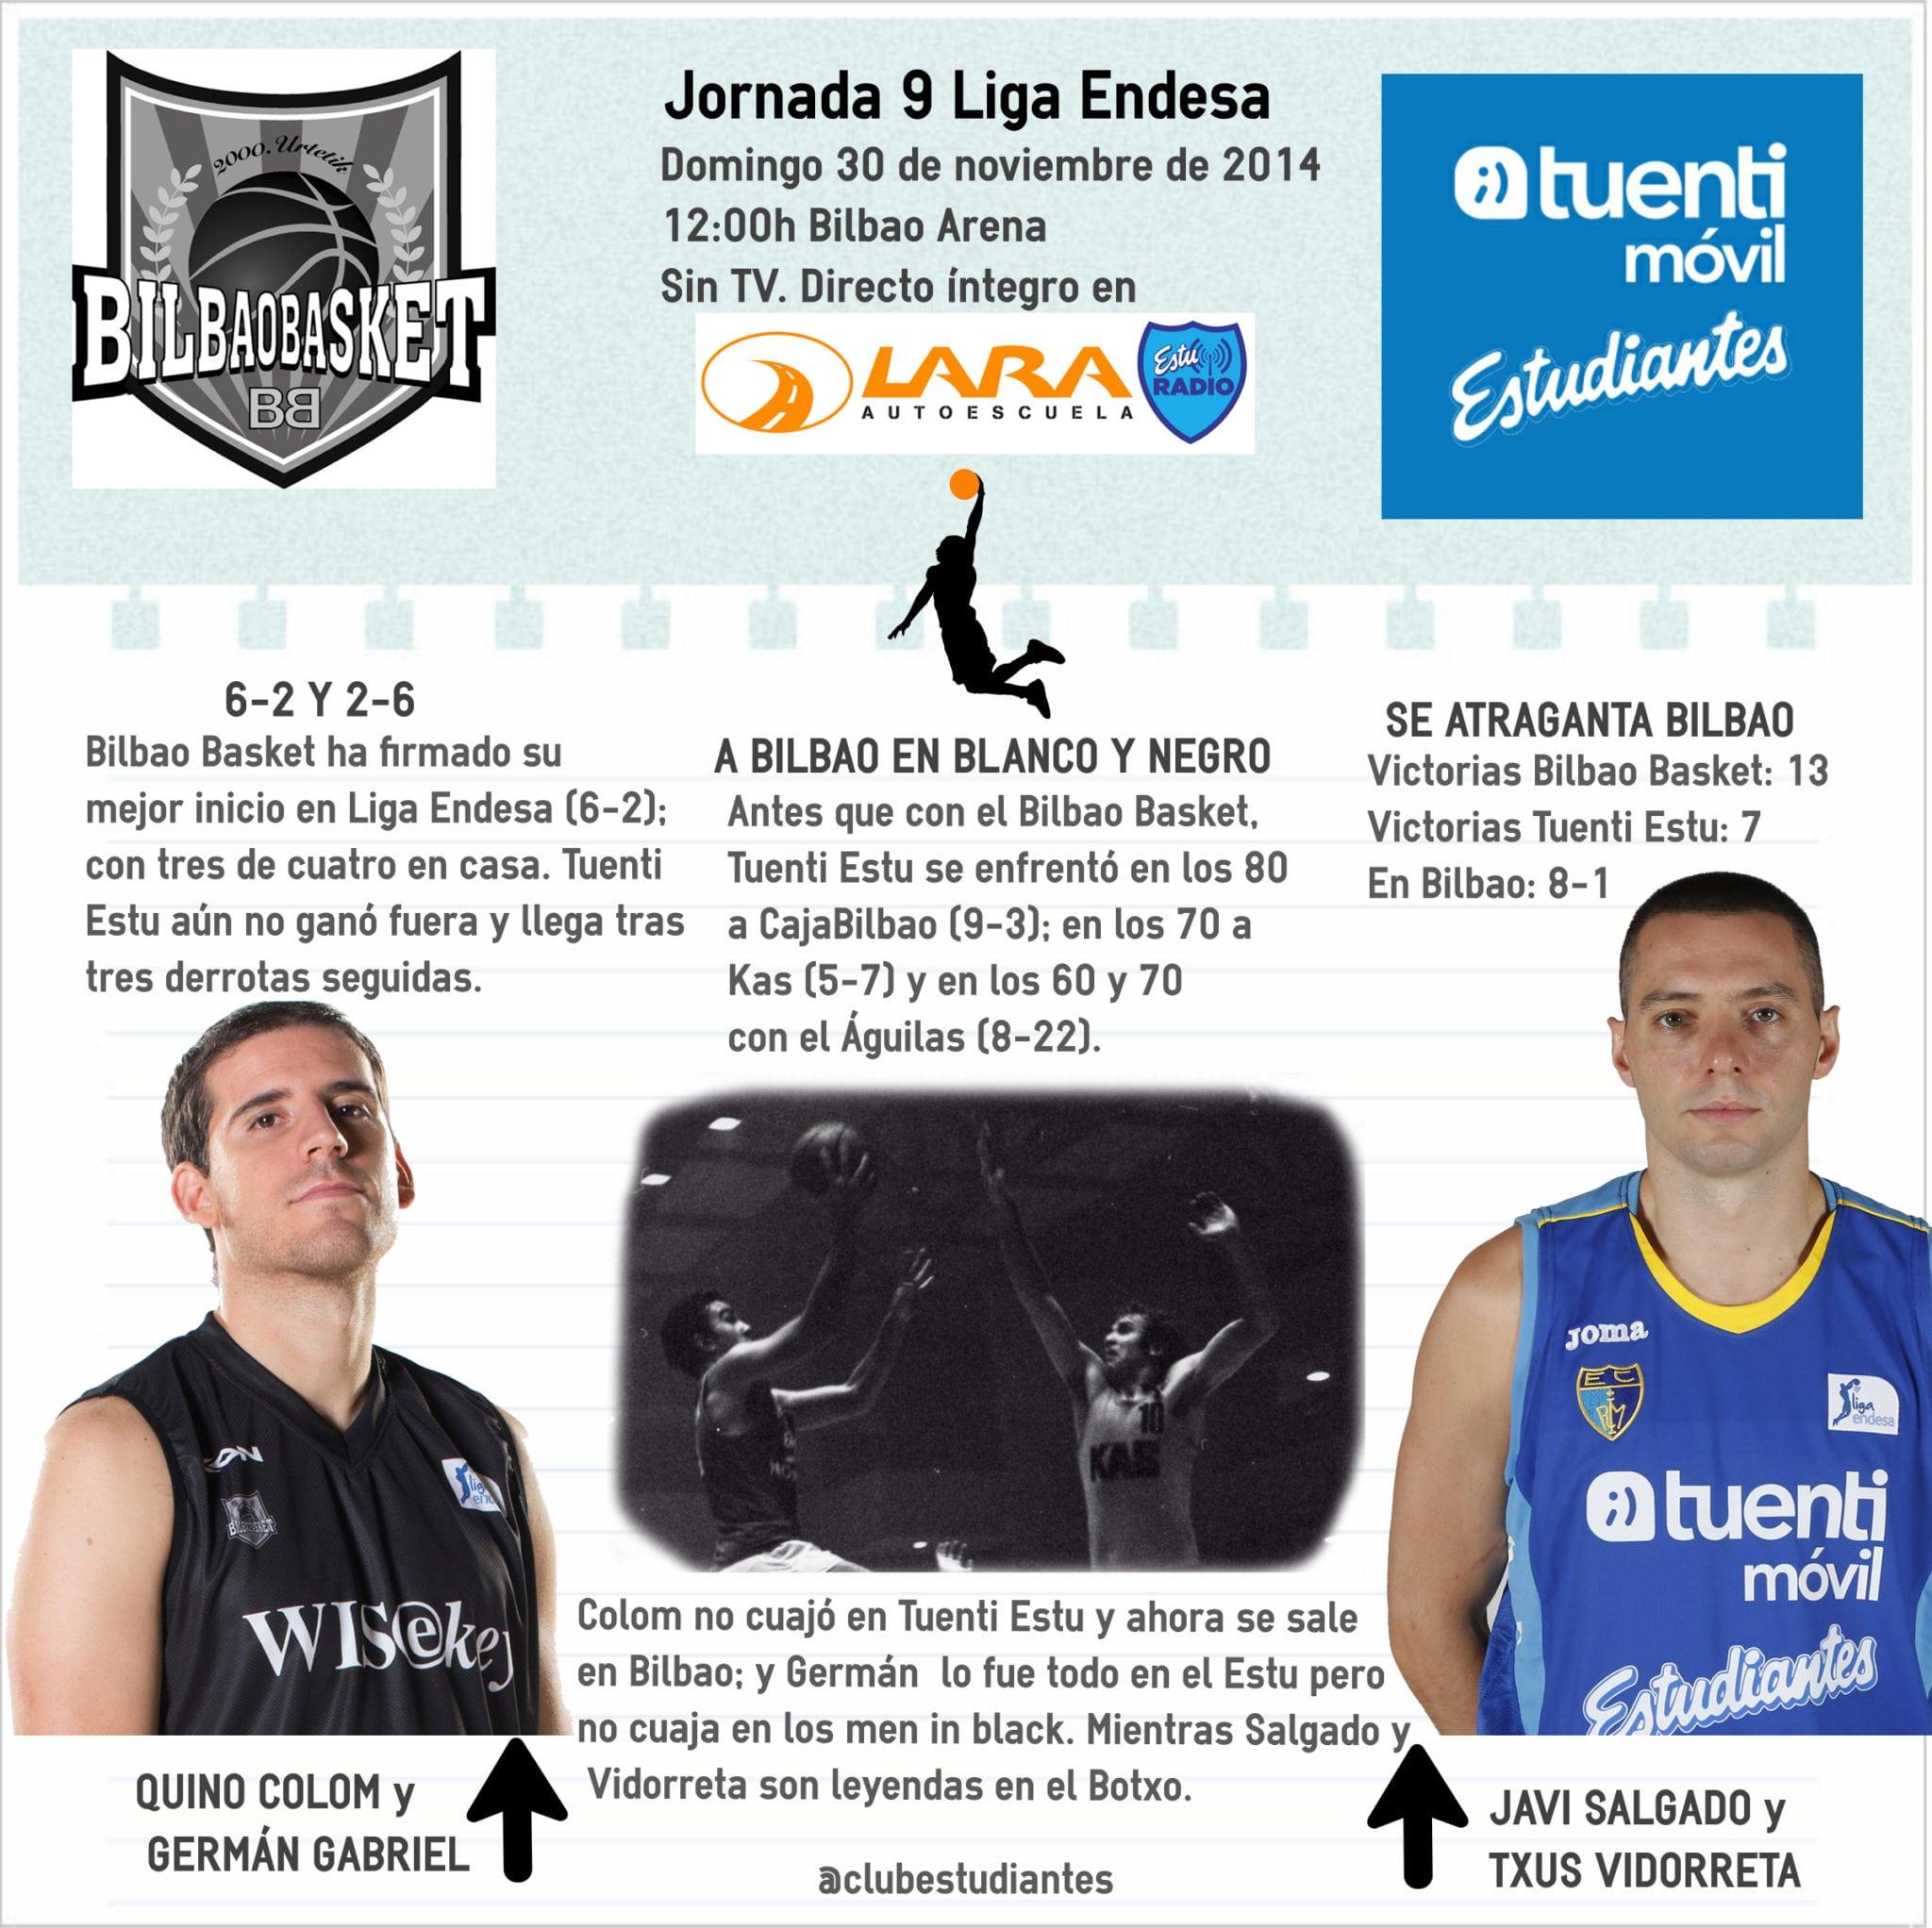 Bilbao Basket- Tuenti Móvil Estudiantes: reencuentros a un lado, solo sirve ganar (domingo 12h, sin TV. EstuRadio)